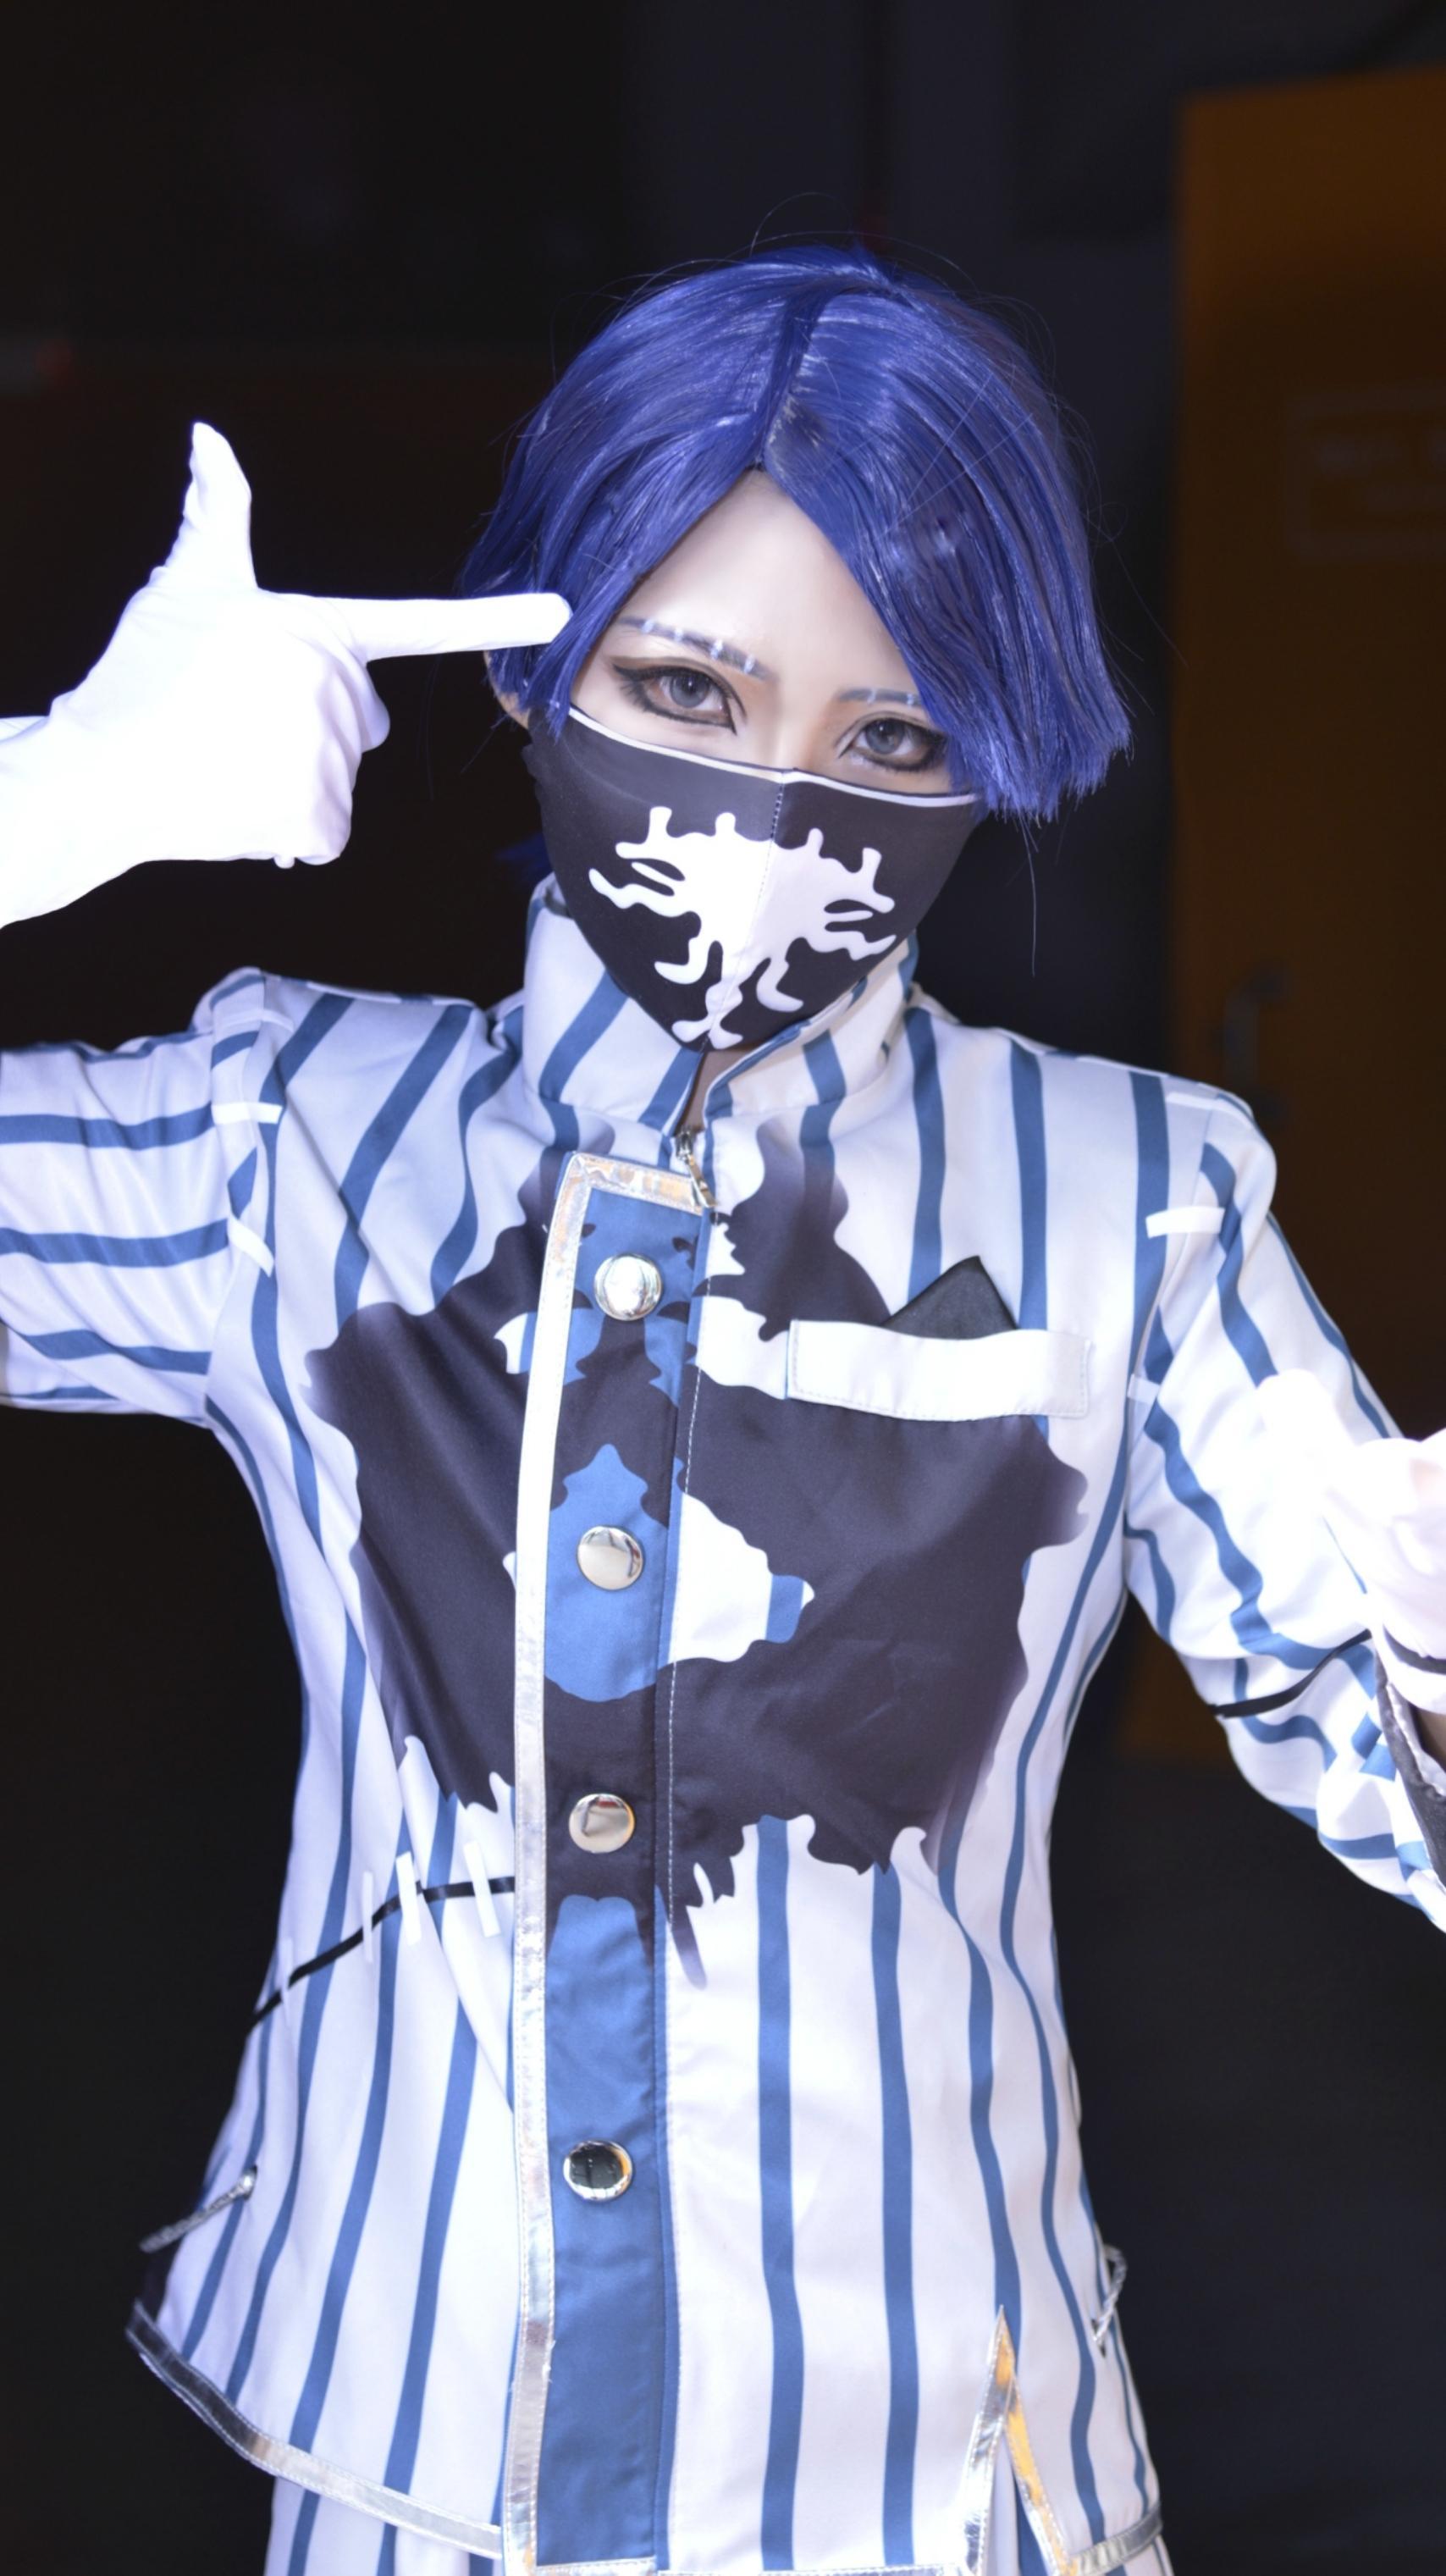 《第五人格》漫展cosplay【CN:夜雨祈灵fsy】-第3张